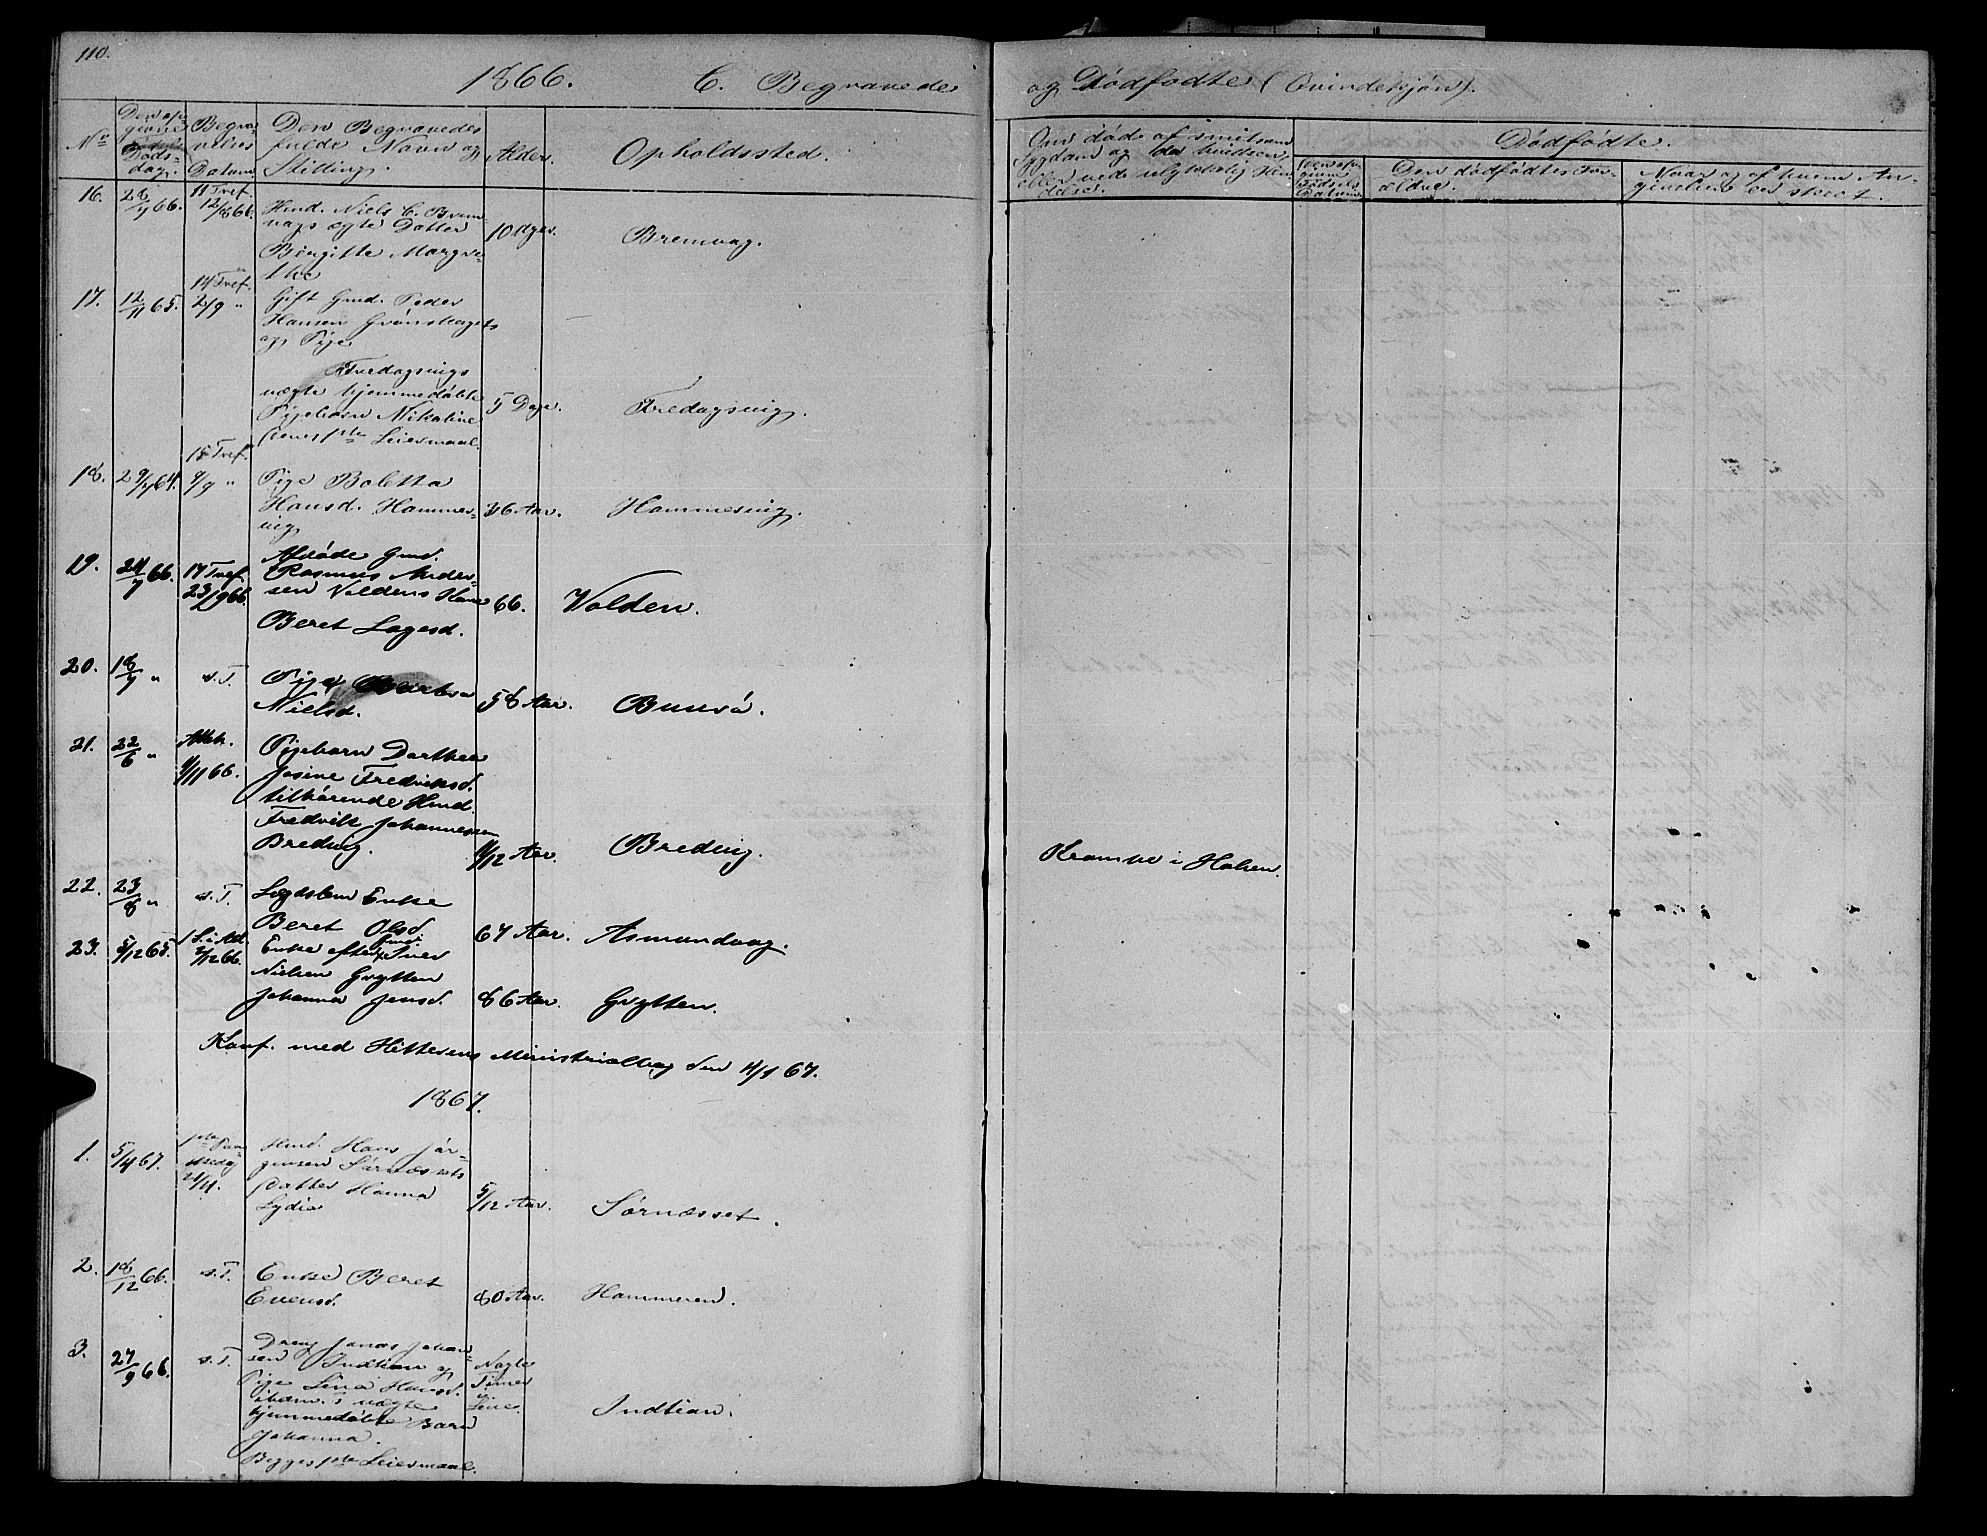 SAT, Ministerialprotokoller, klokkerbøker og fødselsregistre - Sør-Trøndelag, 634/L0539: Klokkerbok nr. 634C01, 1866-1873, s. 110